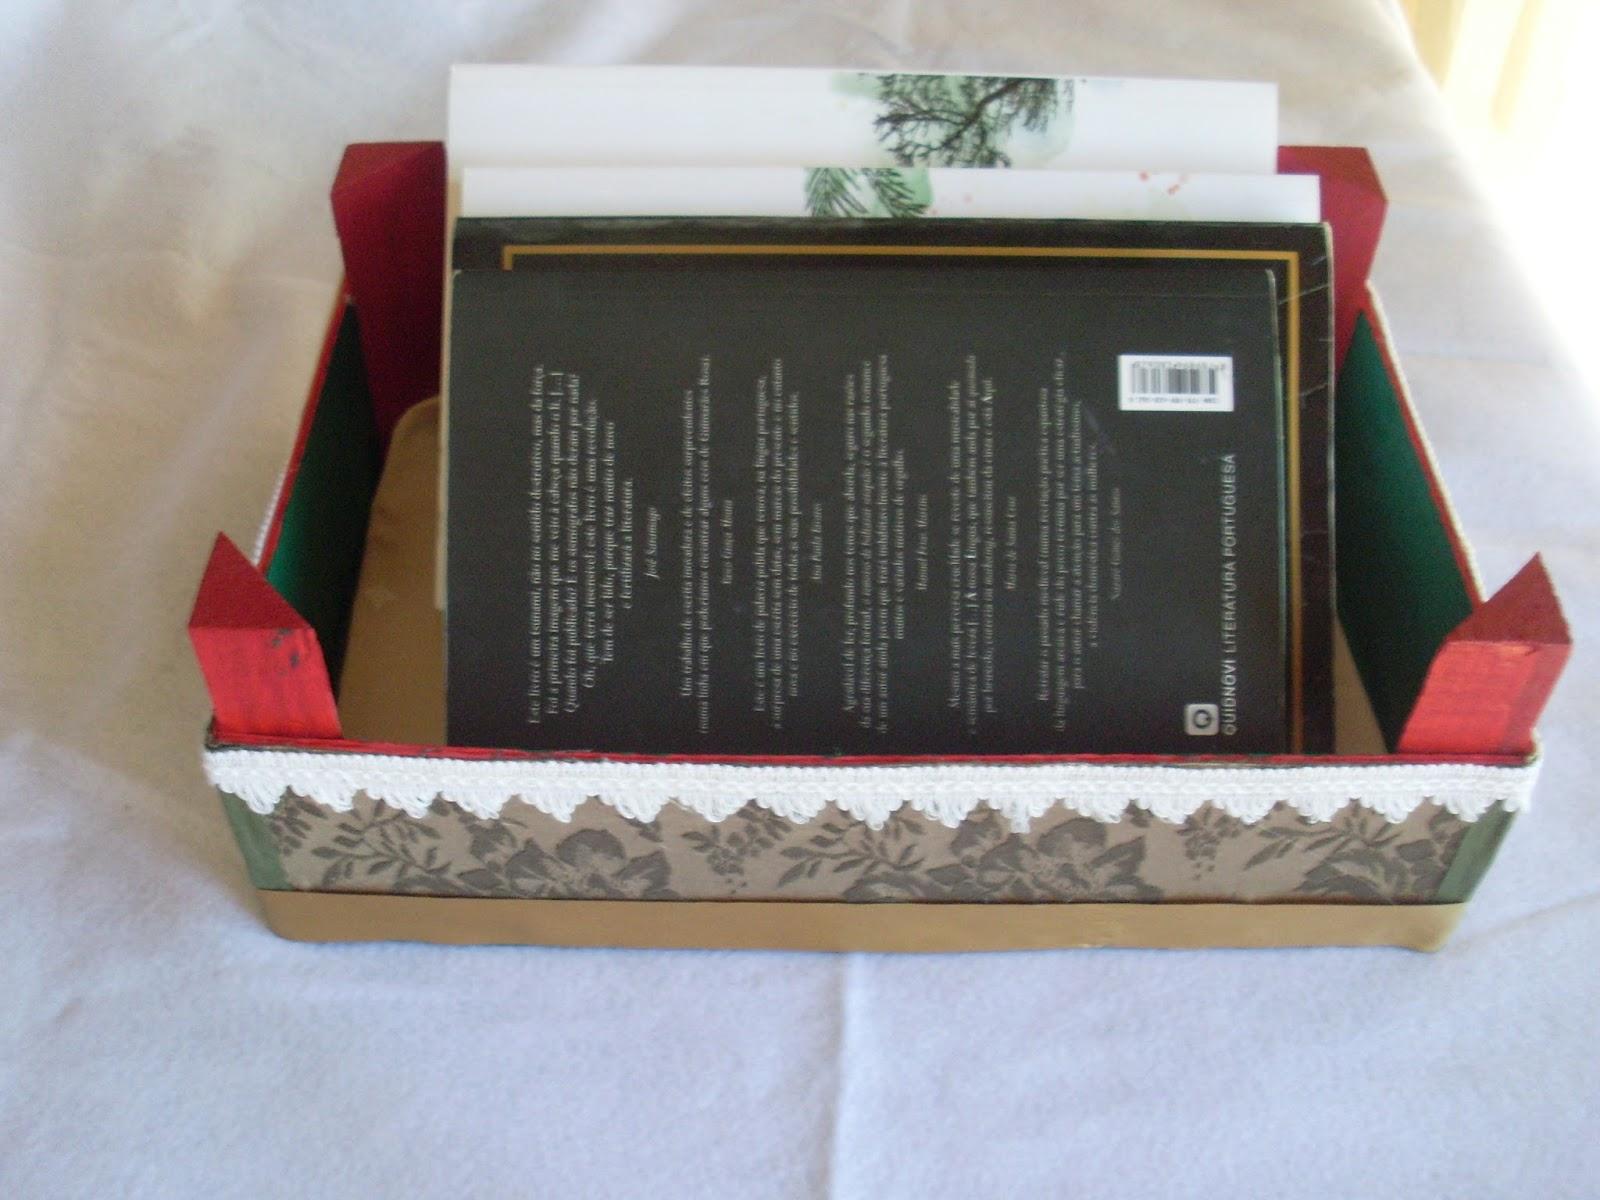 Caixas de madeira de morangos reciclada pintada e forrada com tecido #9D2E34 1600x1200